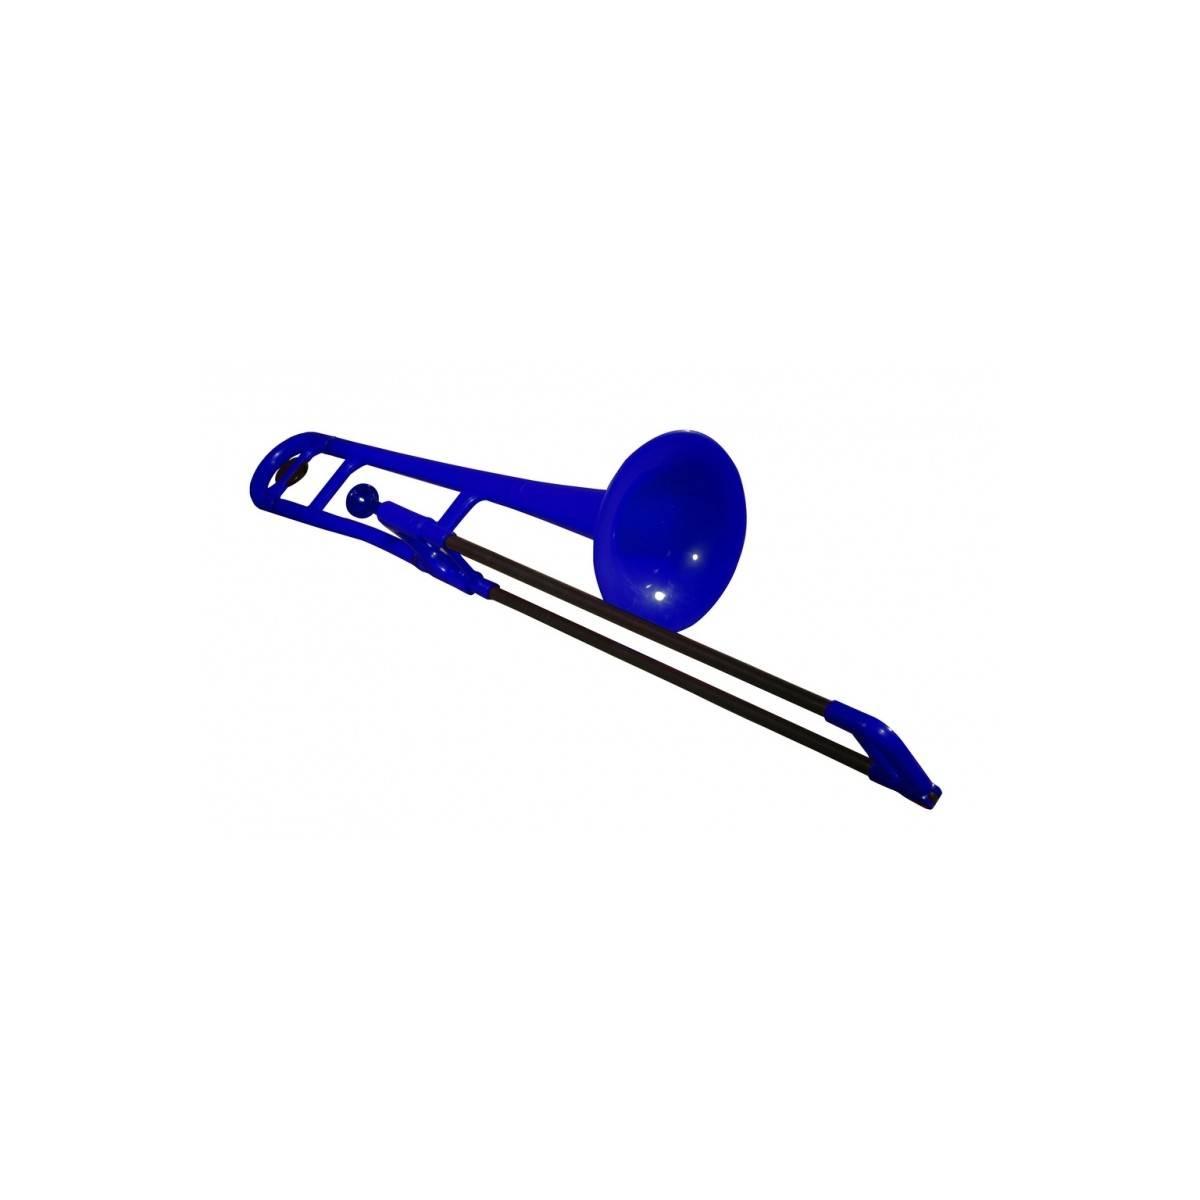 Trombone pBone Bleu